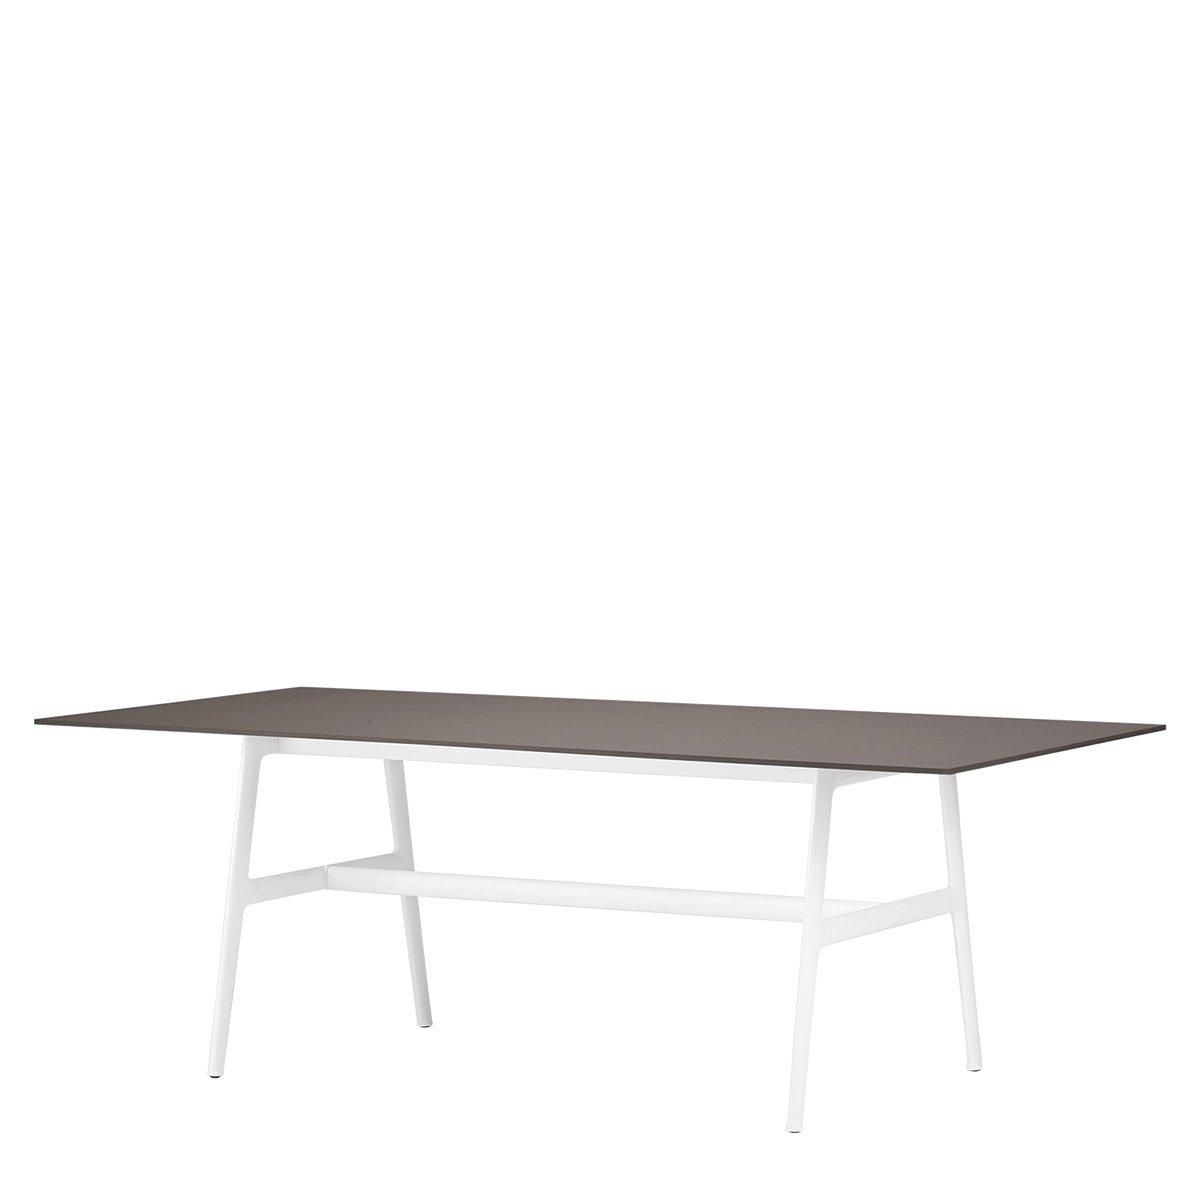 DEDON SEAX Eettafel - 100 x 220 cm. - ebony - wit